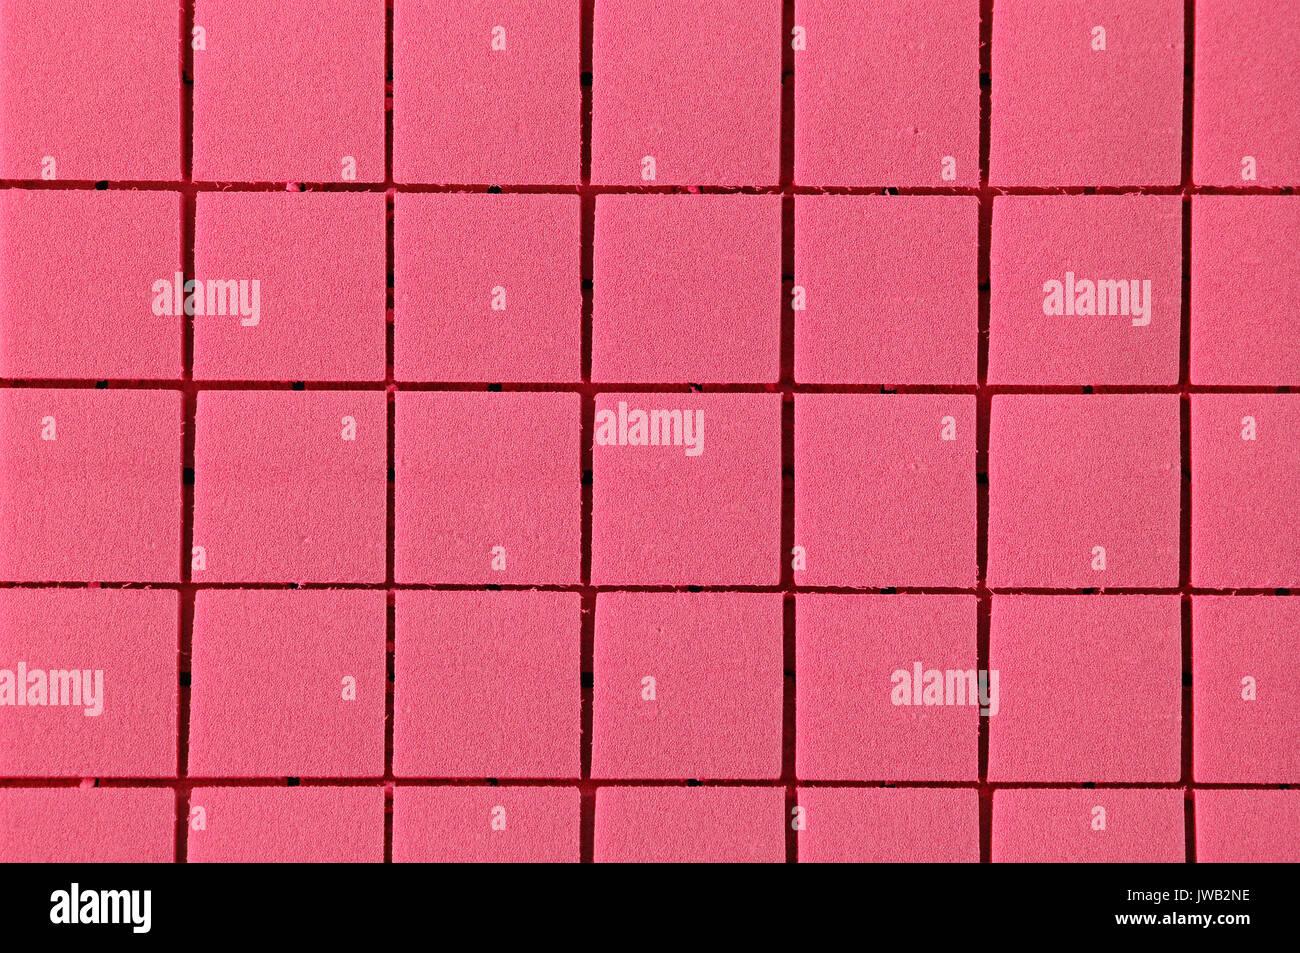 Zusammenfassung Hintergrund rosa Schaum Quadrate in einem Raster Stockbild